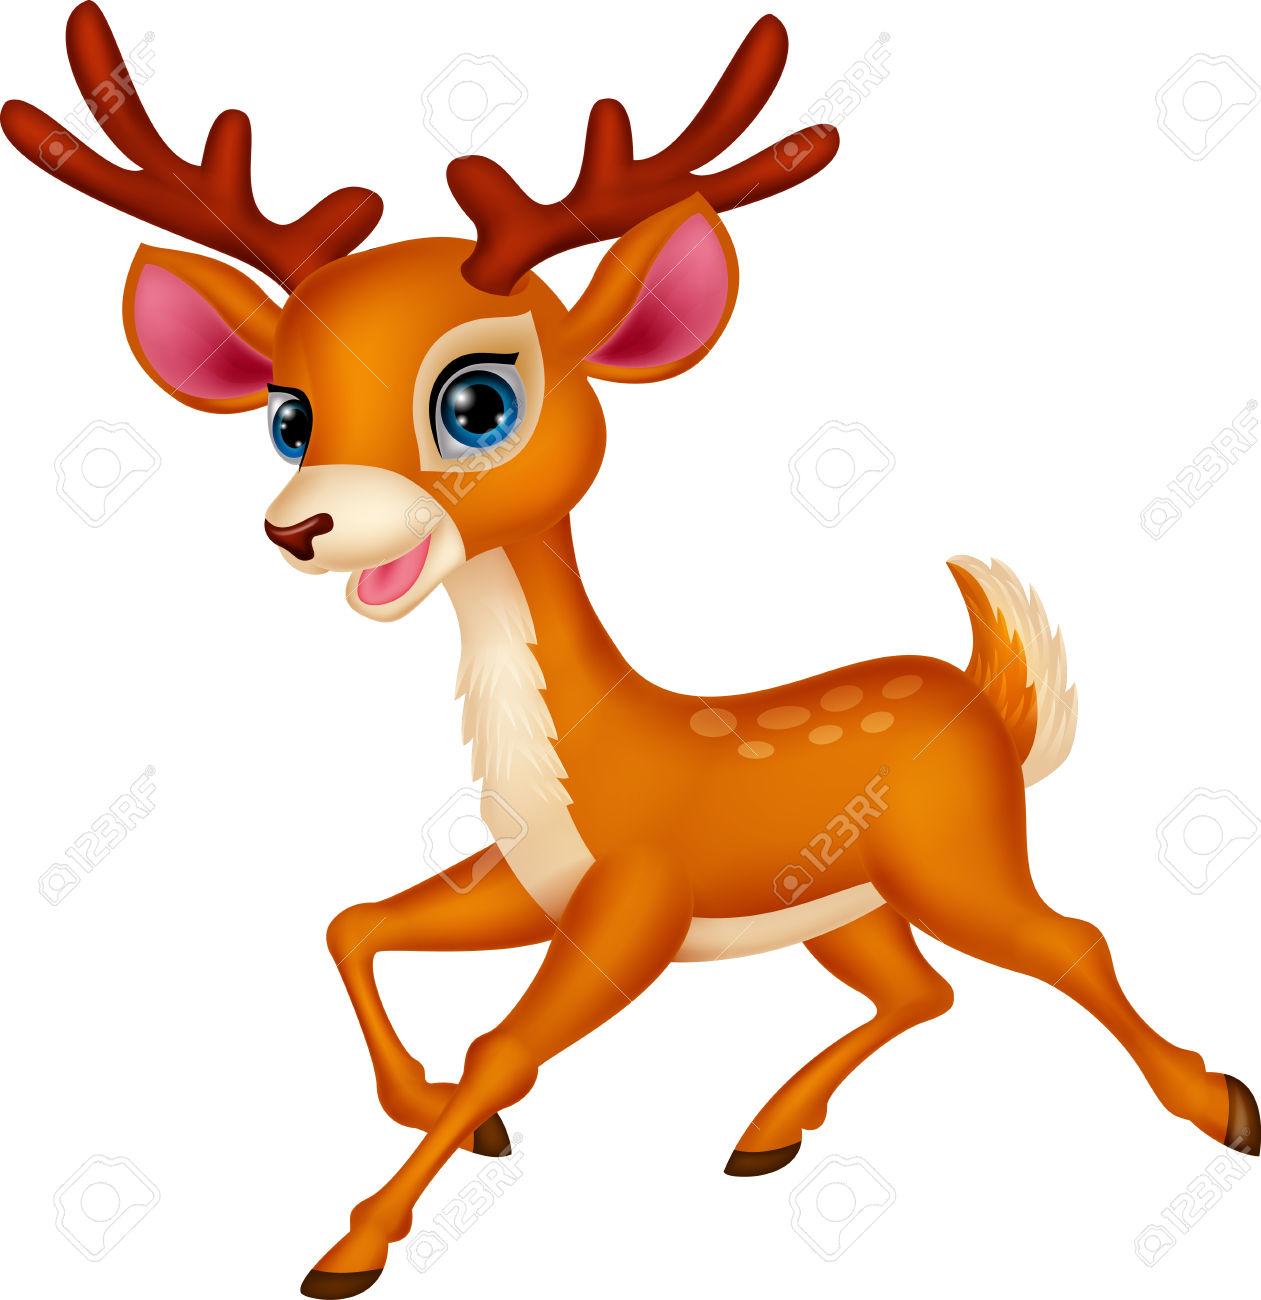 Deer running clipart jpg black and white stock 6+ Clipart Deer | ClipartLook jpg black and white stock